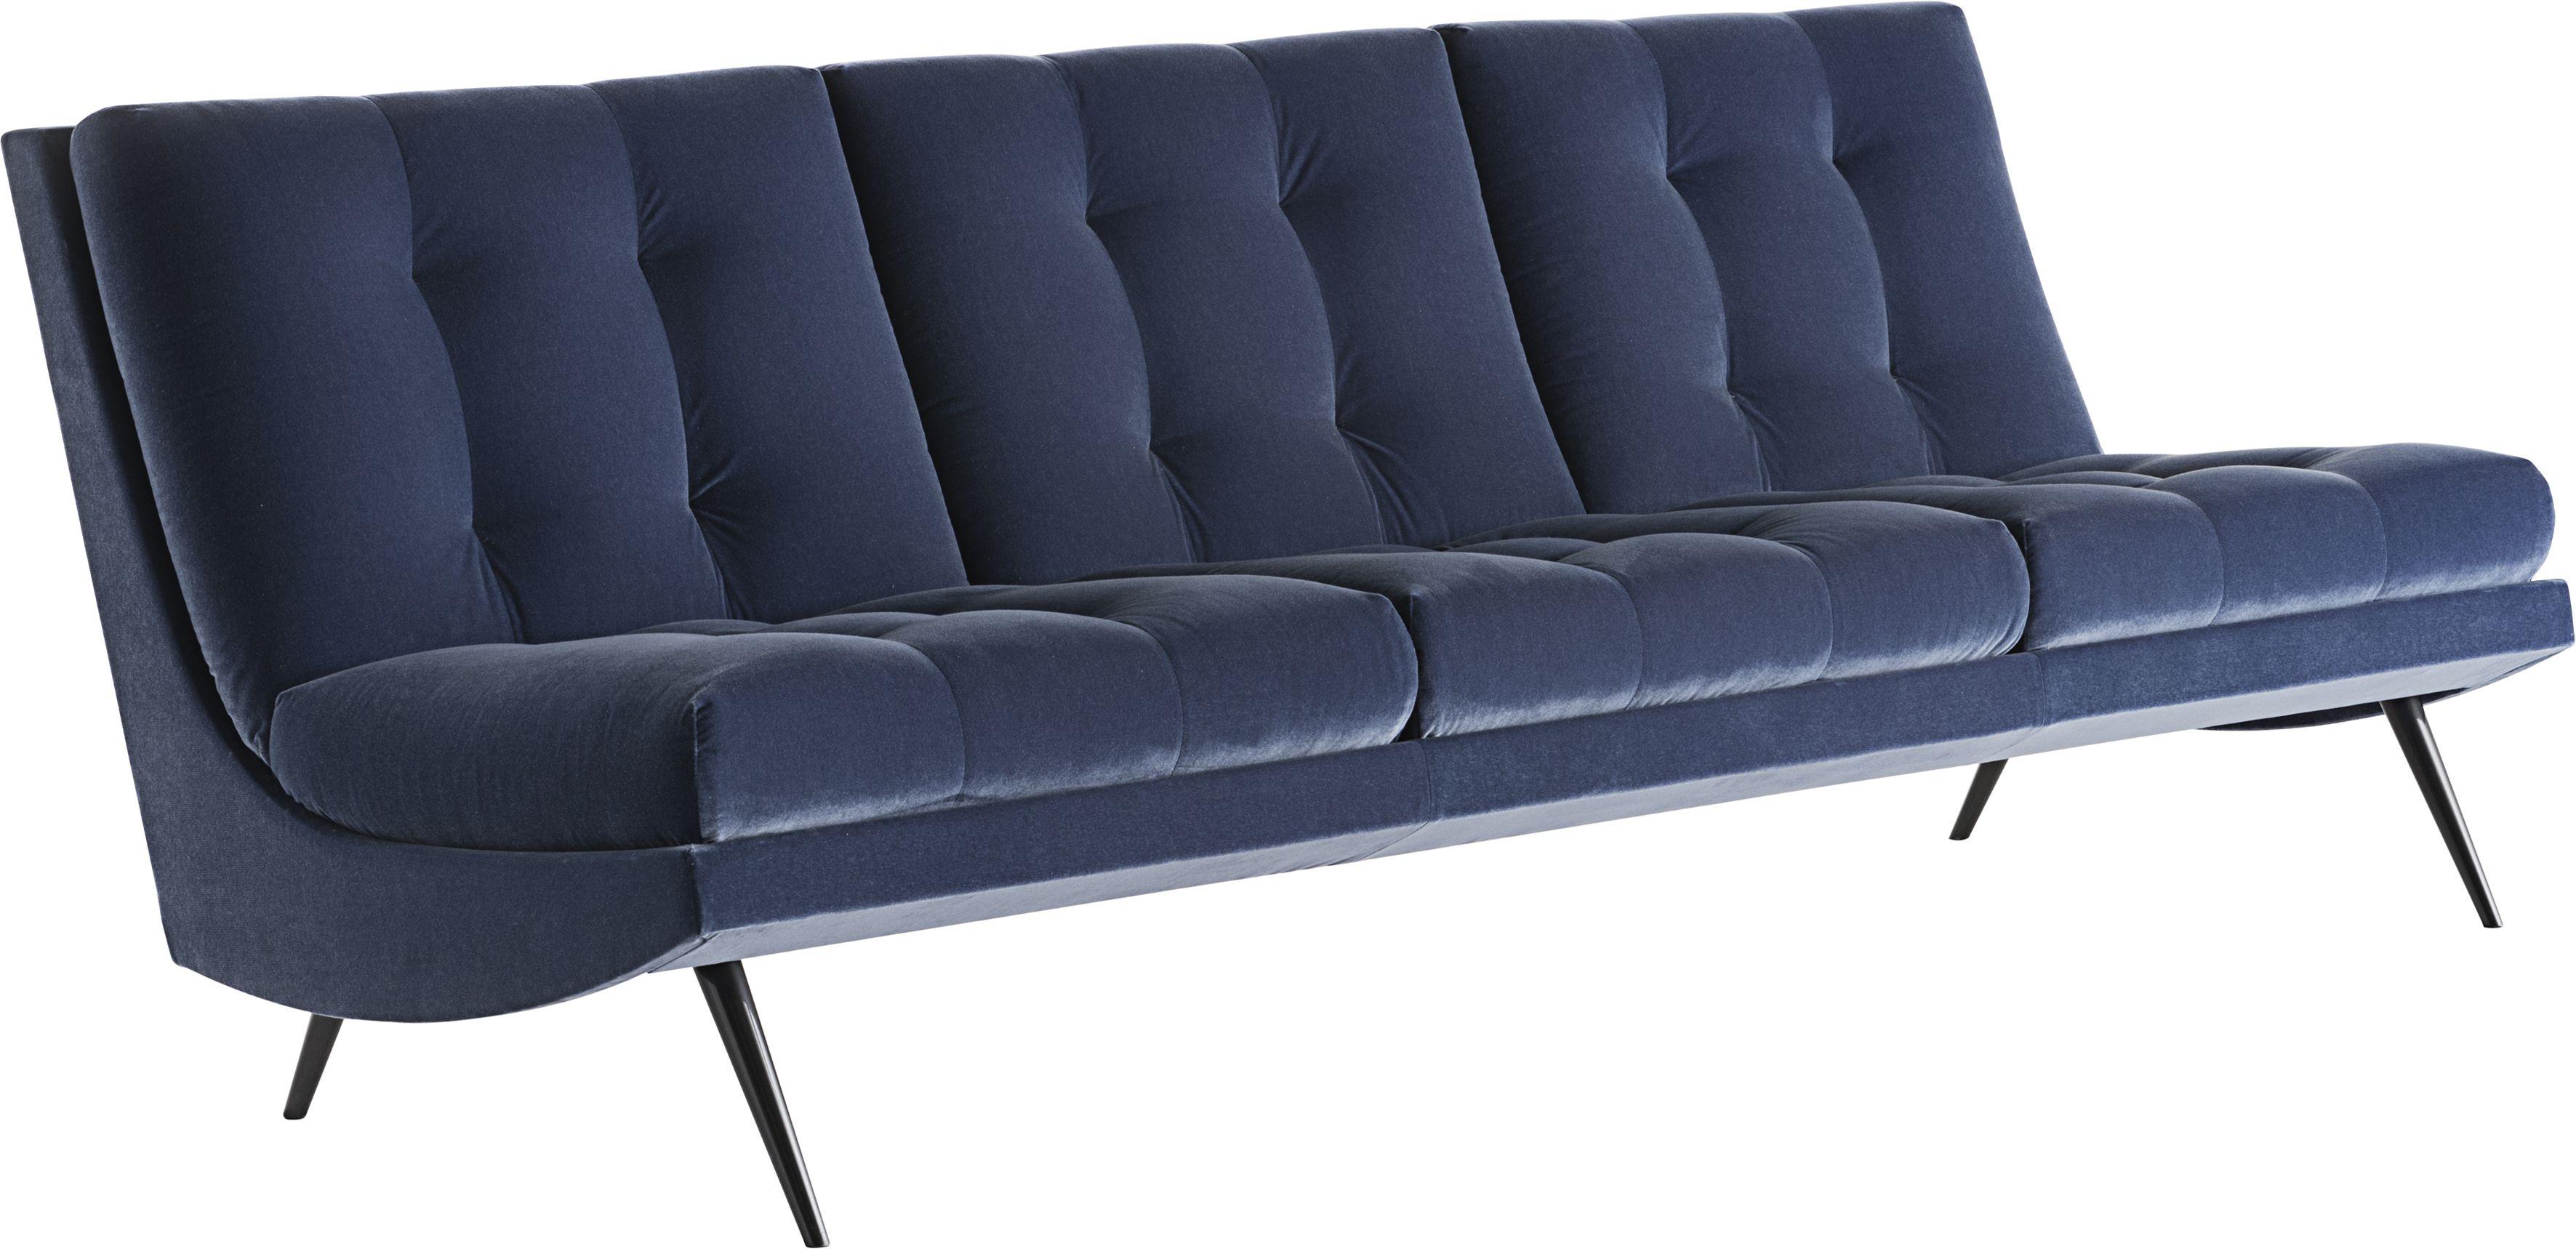 #Rubelli #Rubellicasa #Canape #Sofa #Tissu #Fabric  Mod Le Triennale